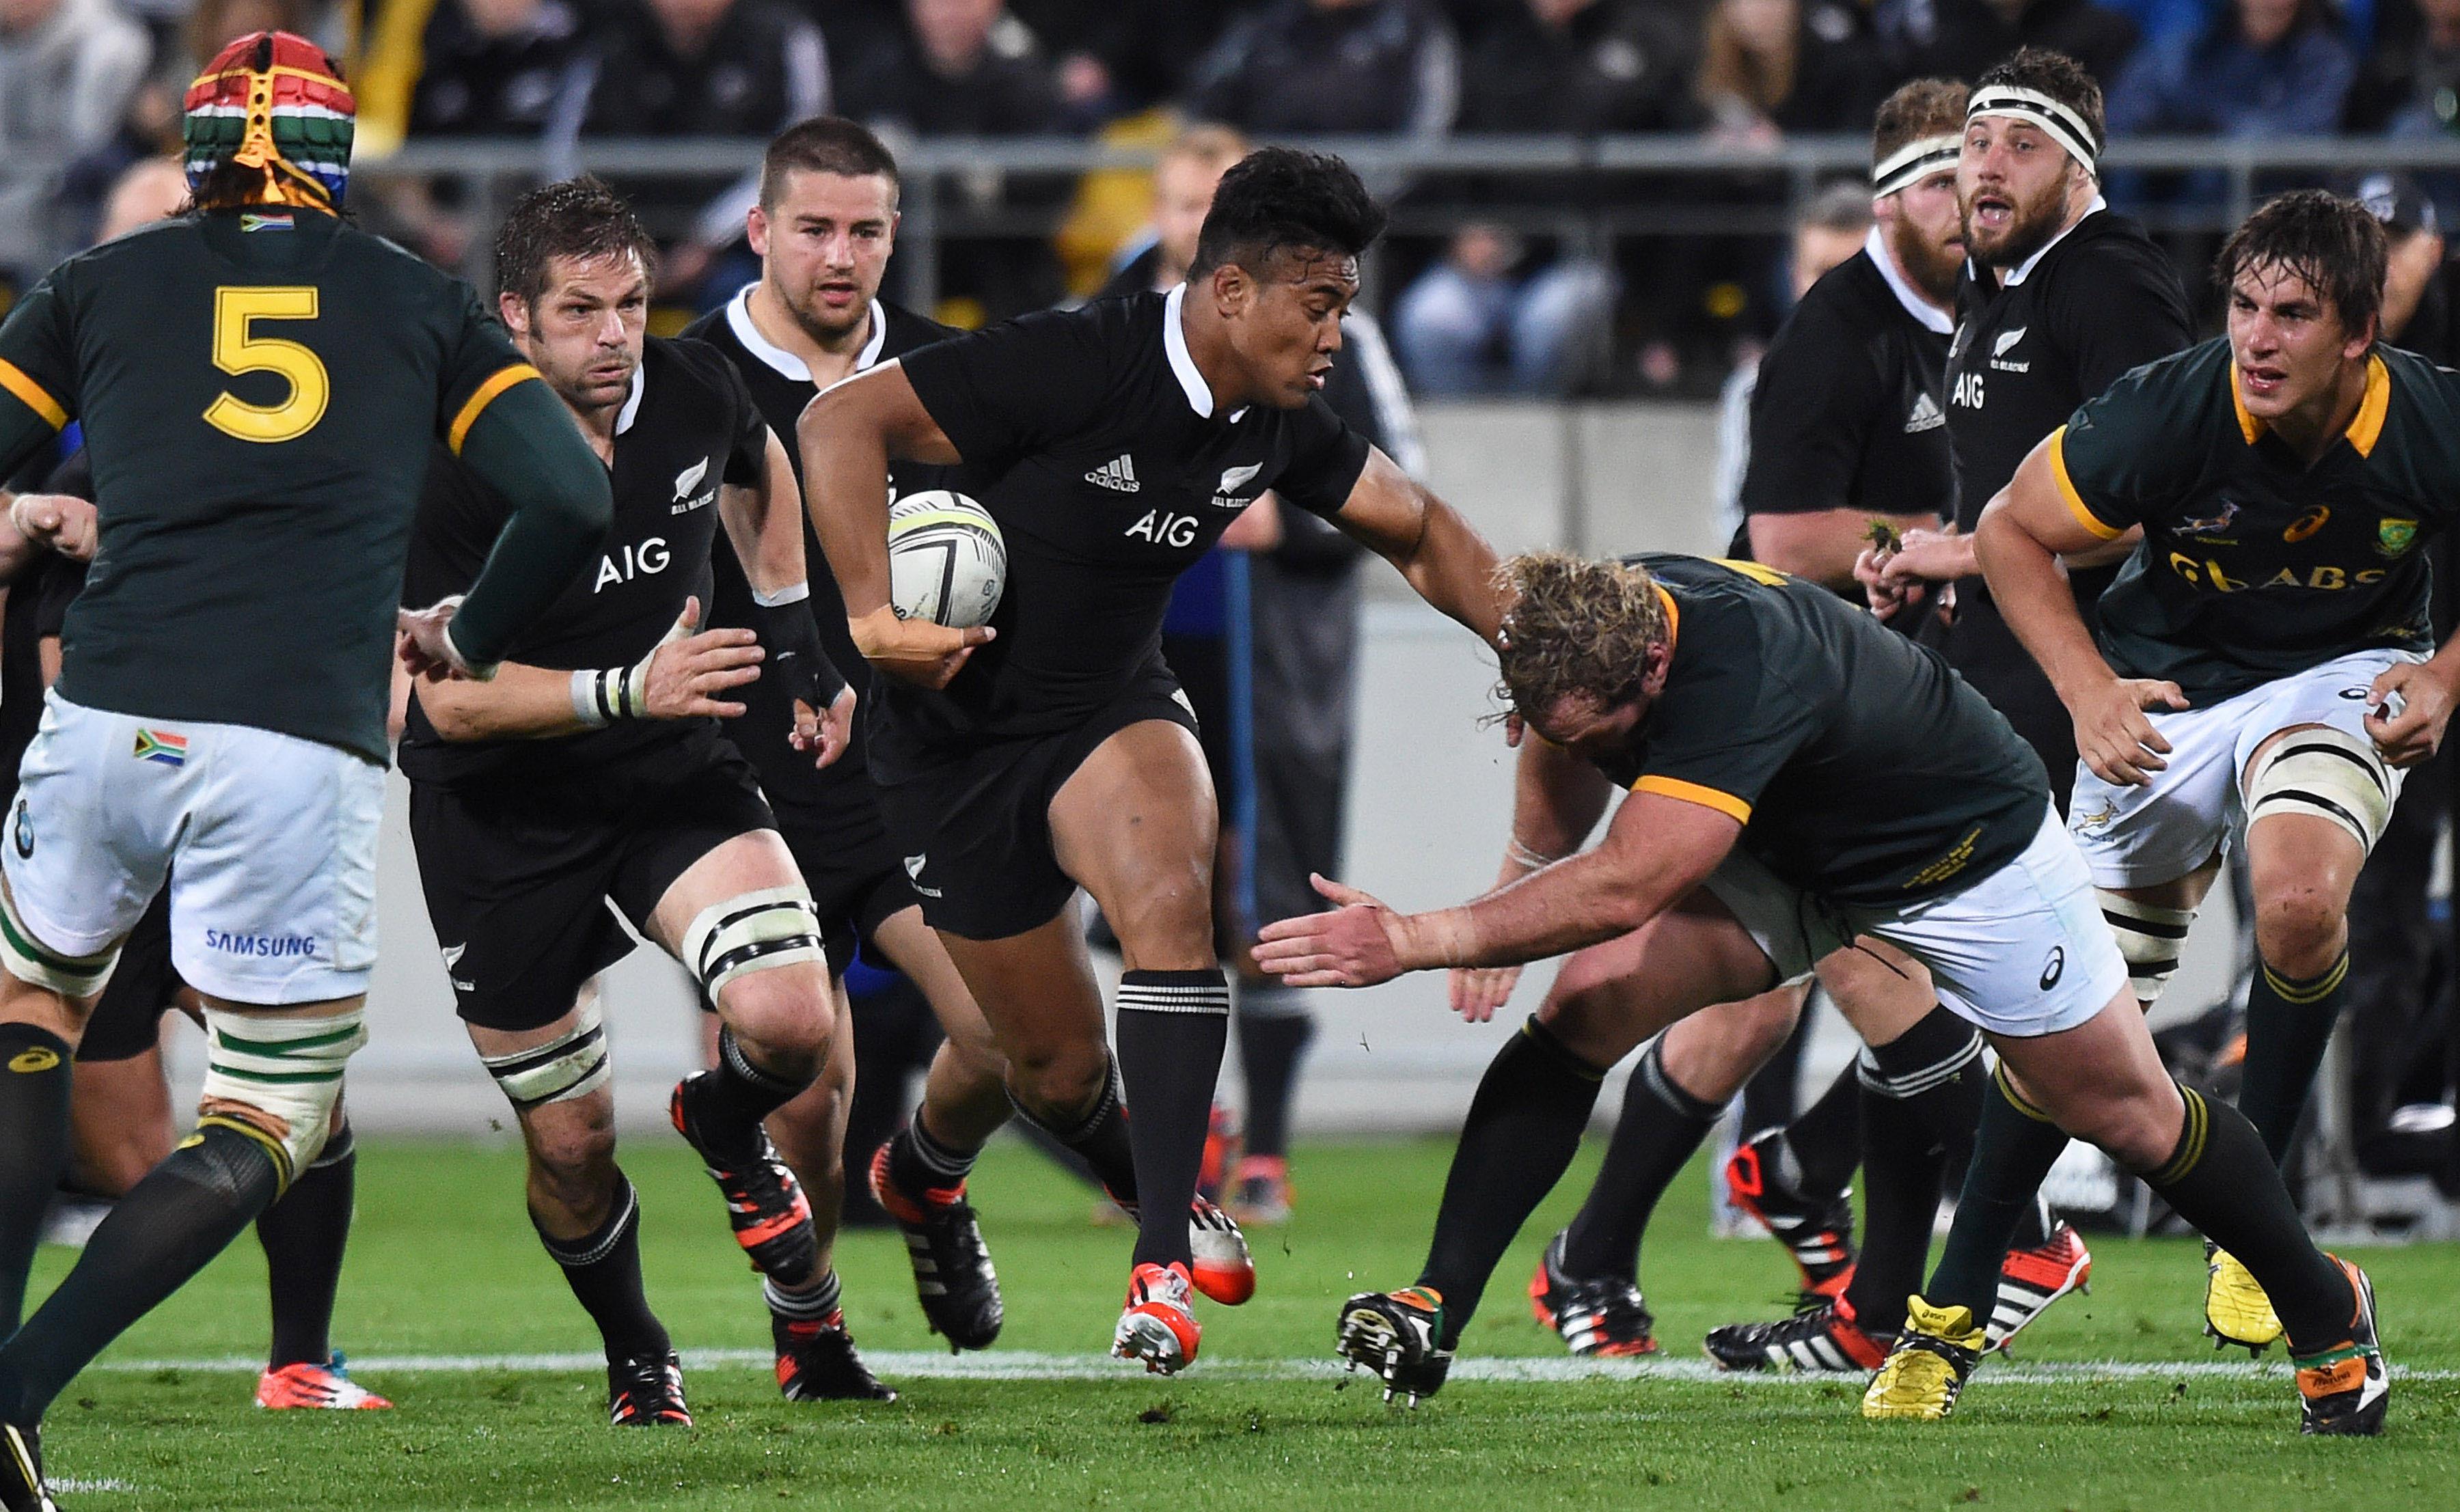 La coupe du monde s expose plein sud coupe du monde 2015 rugby - Coupe du monde 2015 handball ...